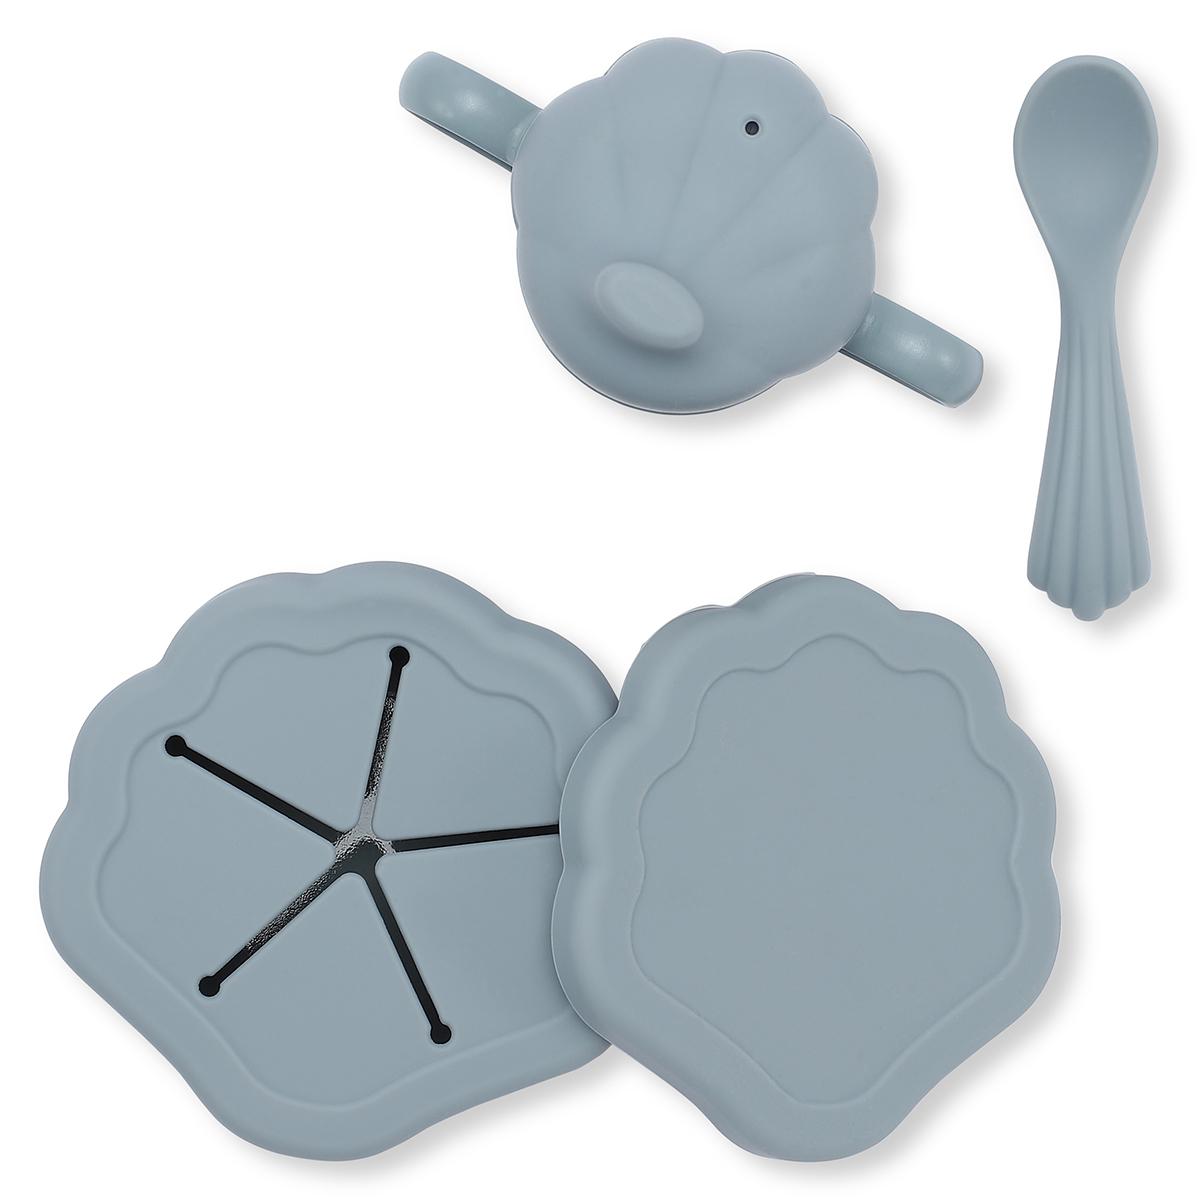 Coffret repas Set de Repas 5 Pièces Coquillage - Light Blue Set de Repas 5 Pièces Coquillage - Light Blue